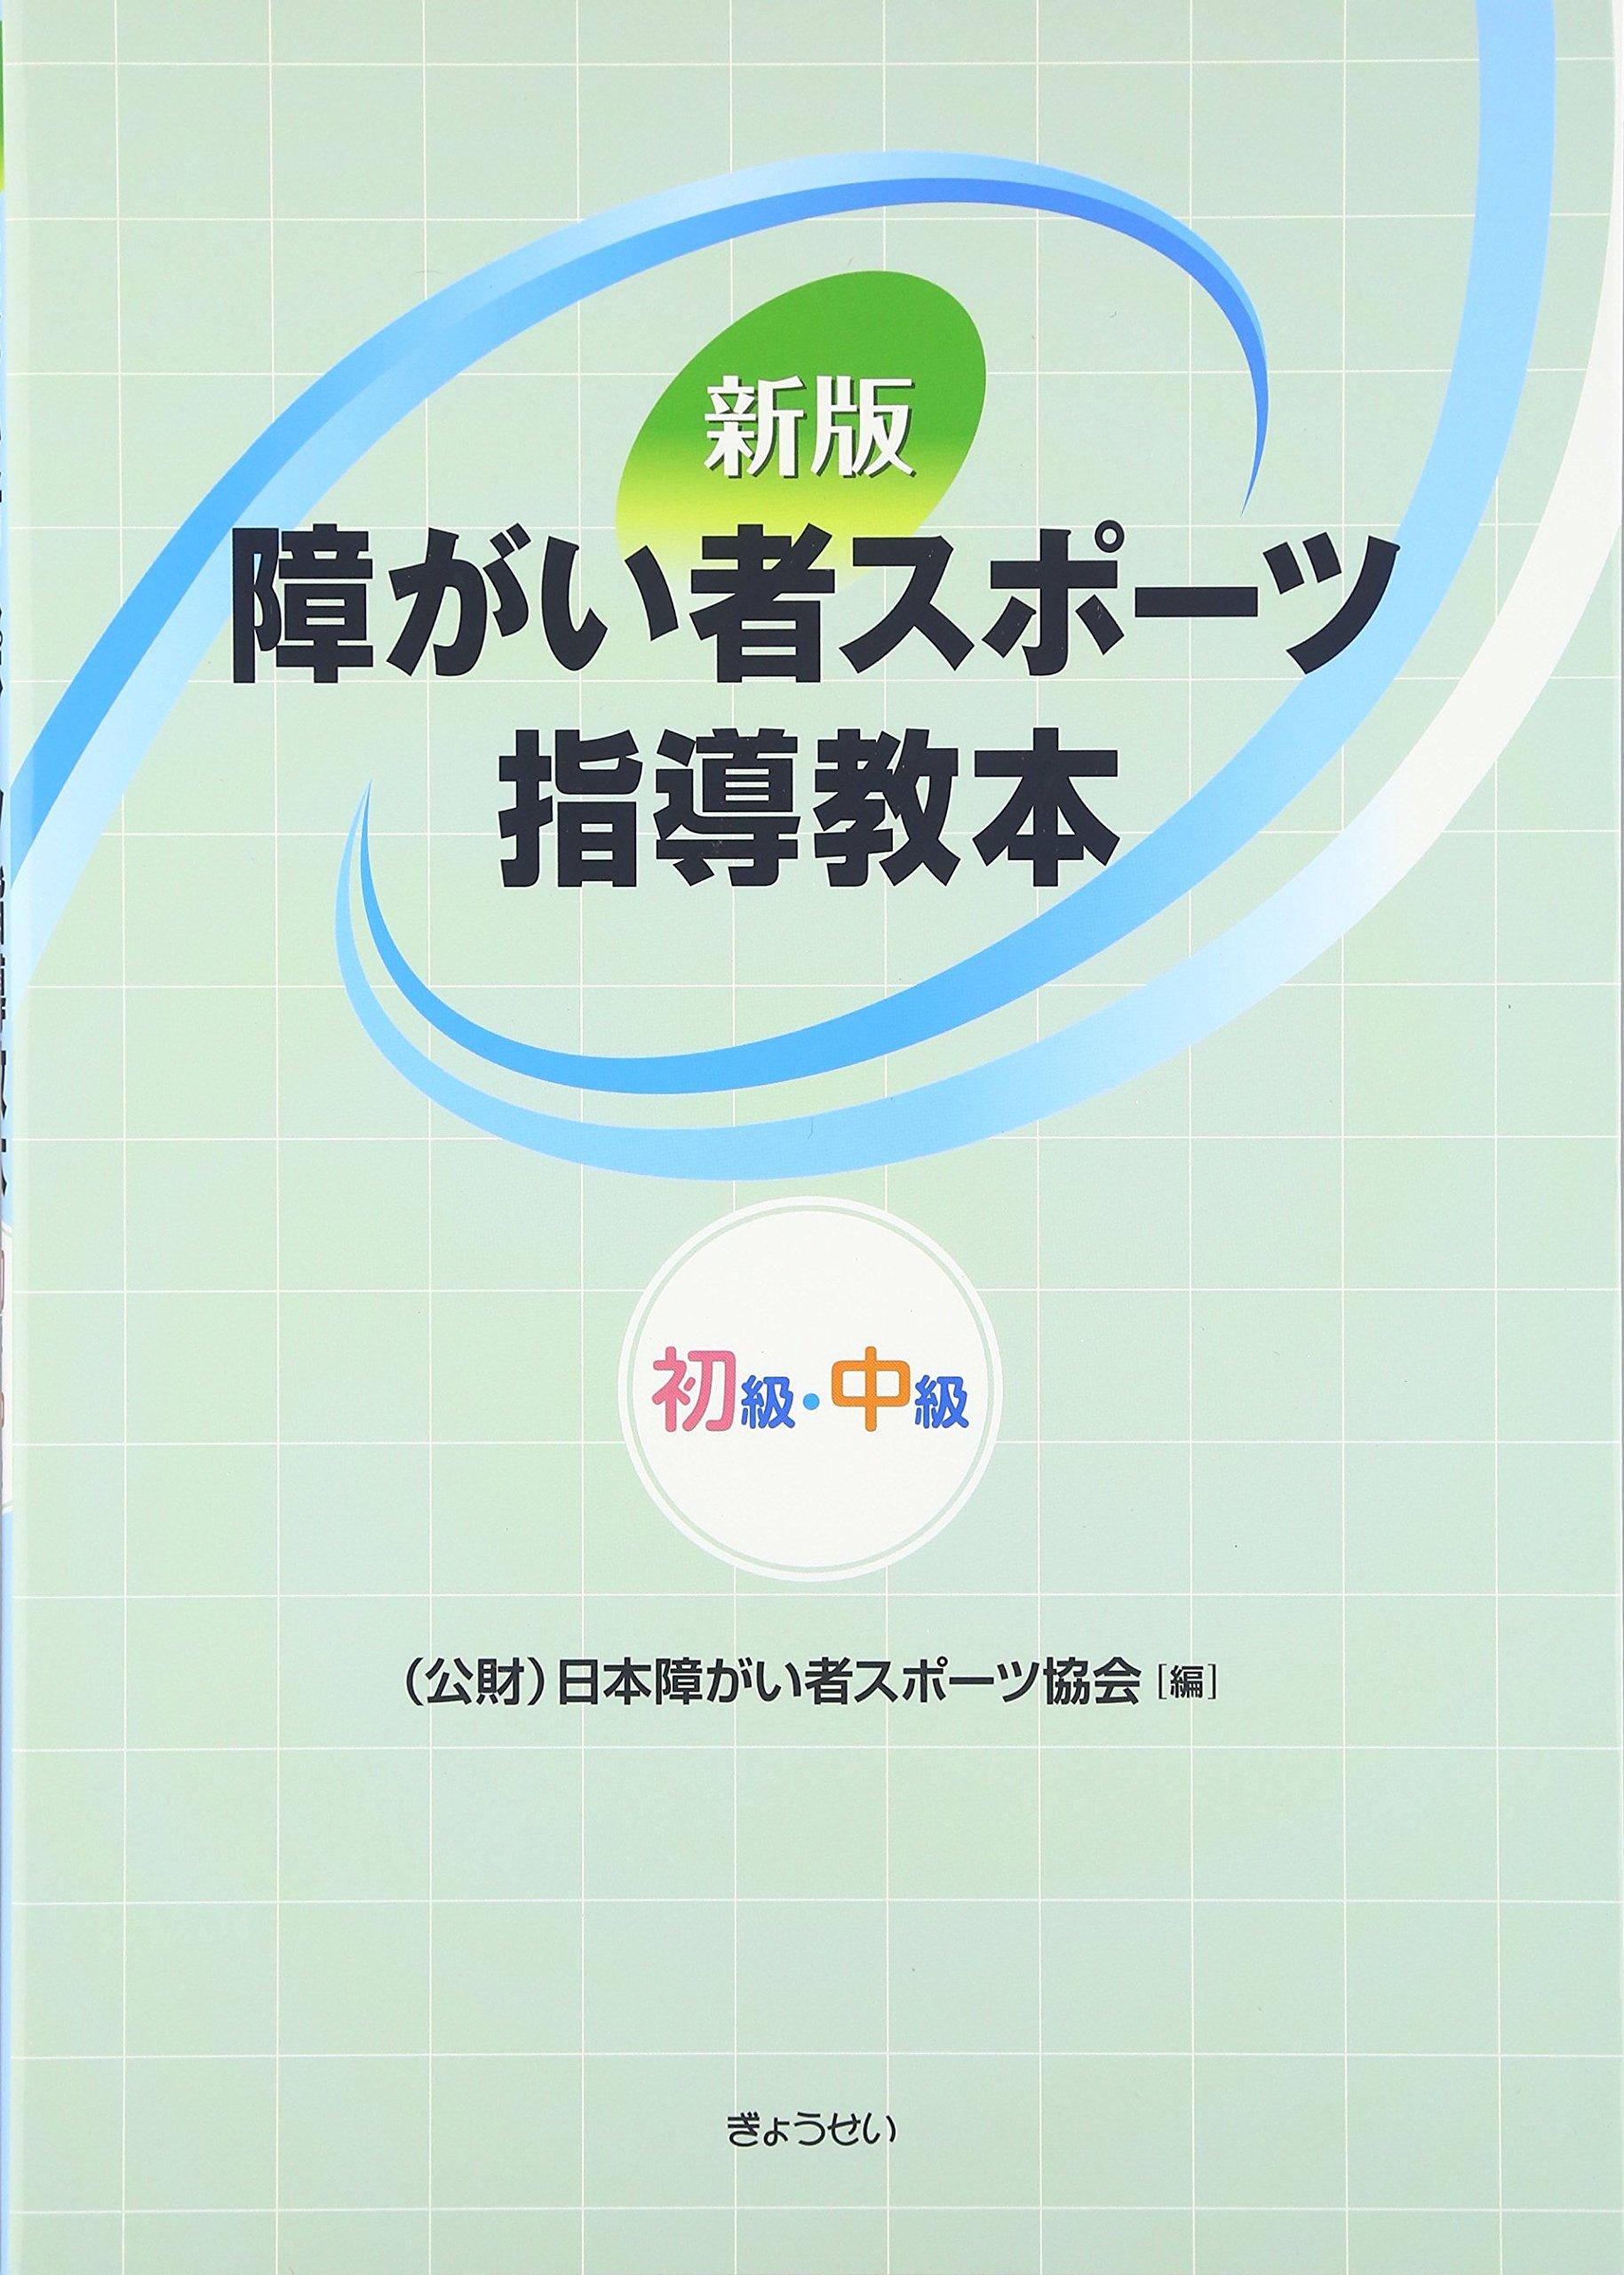 日本 障がい 者 スポーツ 協会